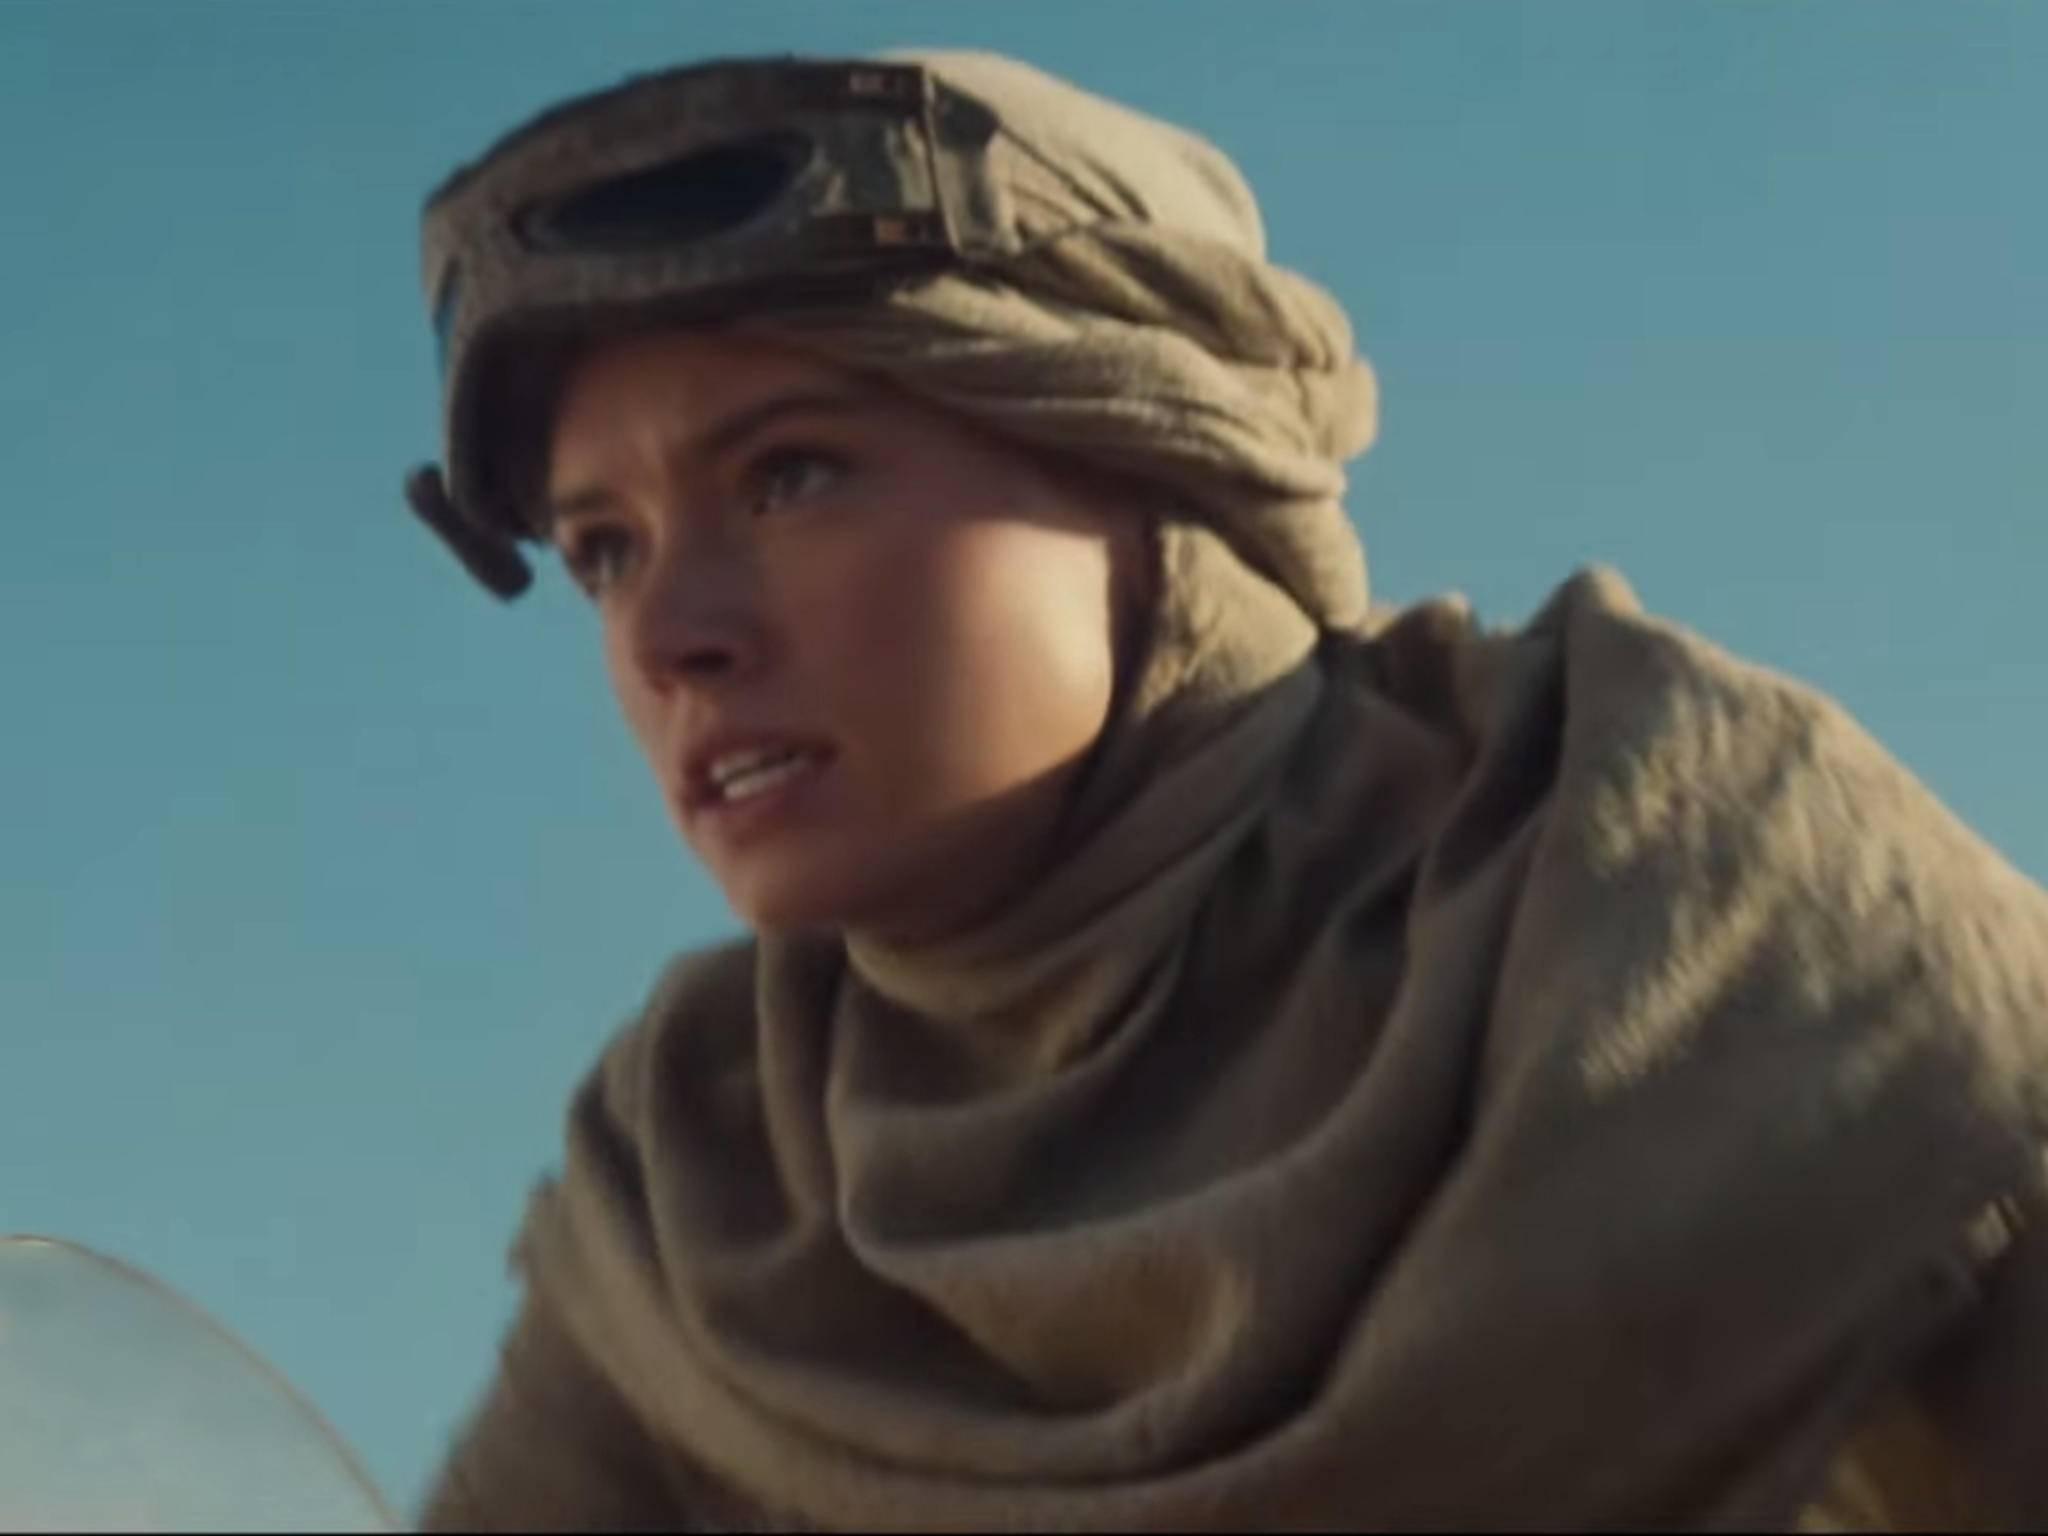 """Wie geht Reys Geschichte in """"Star Wars: The Last Jedi"""" weiter? Ein erster Trailer gibt vielleicht bald erste Hinweise..."""